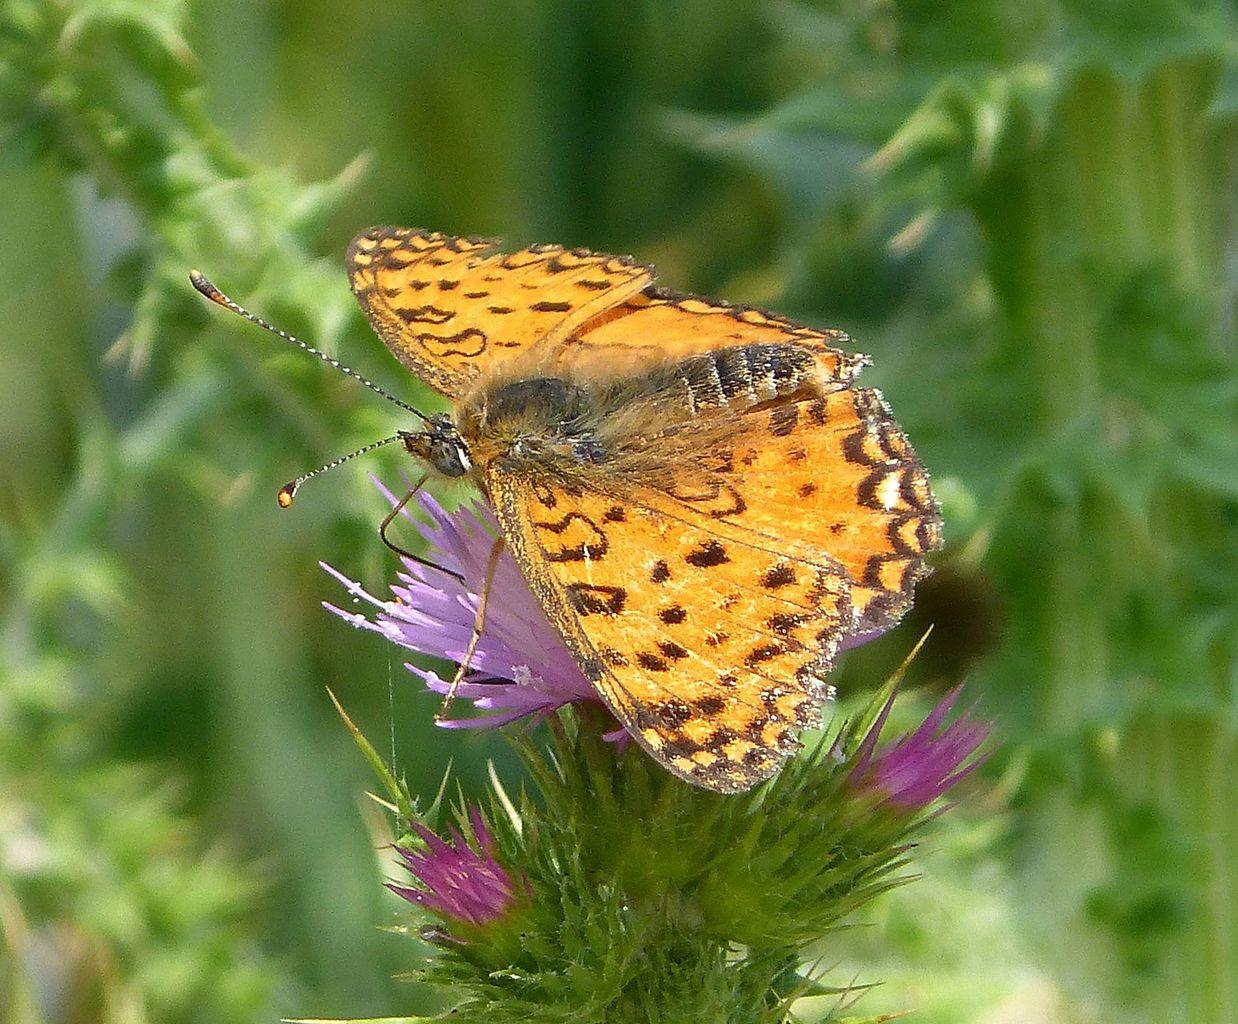 borboleta pousada num cardo